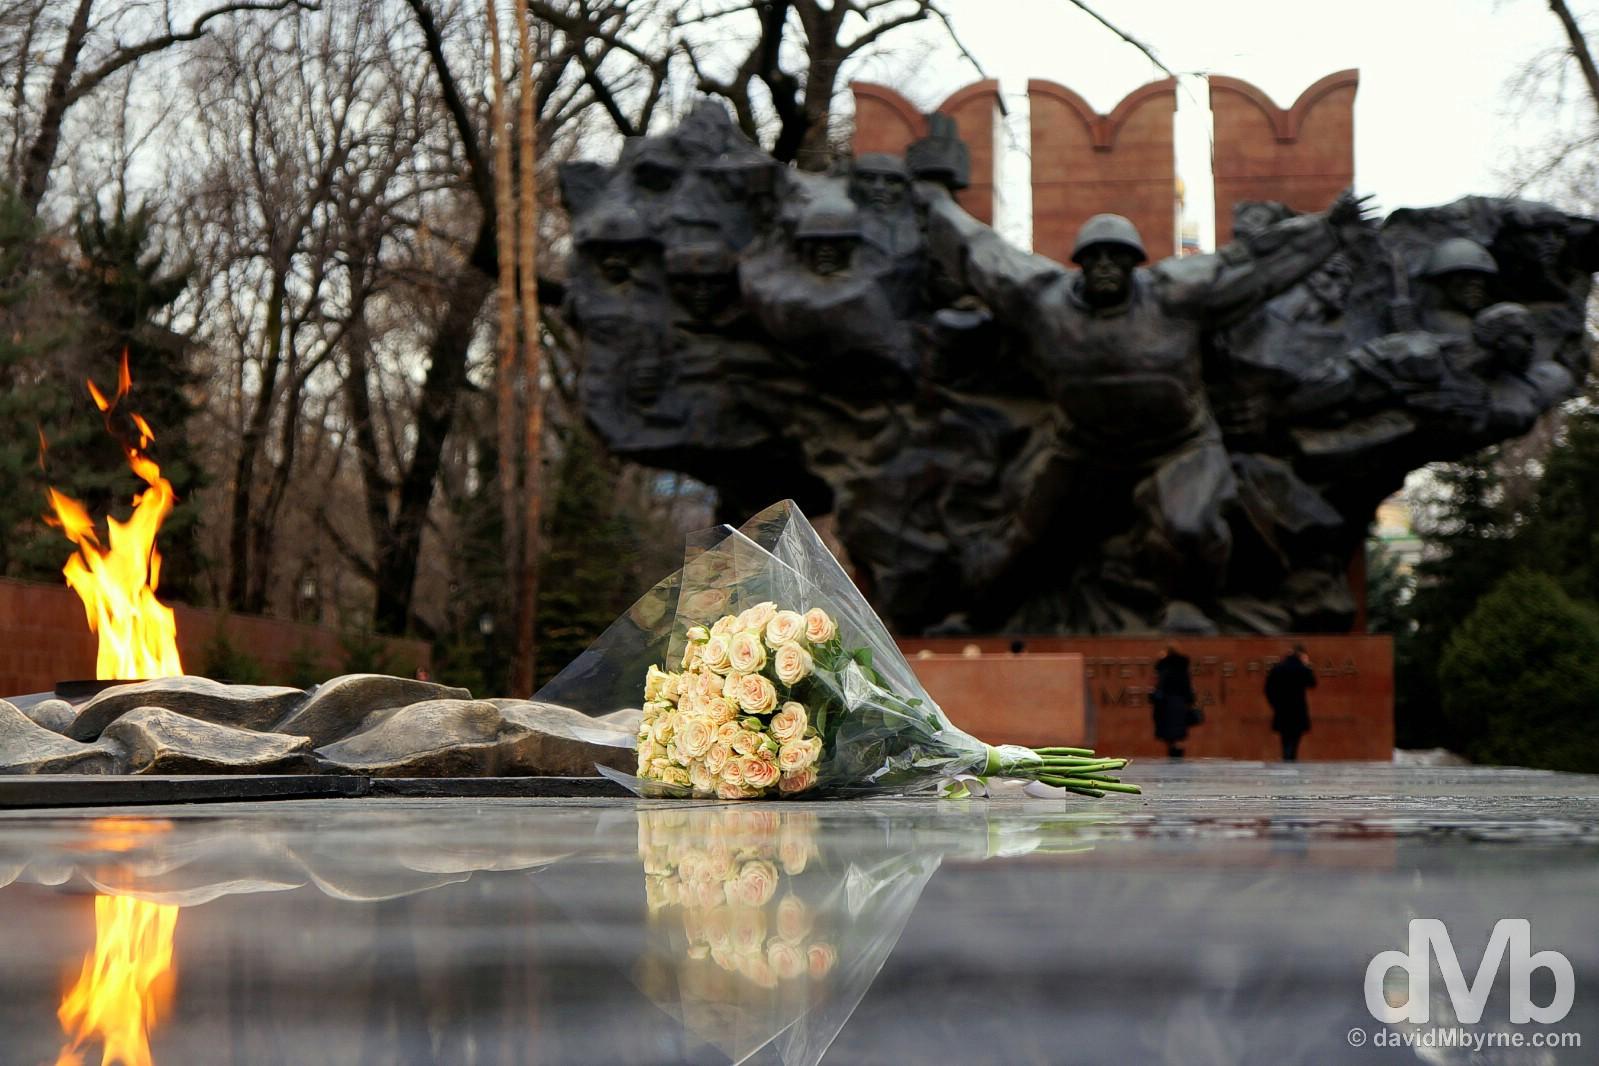 The War Memorial in Panfilov Park, Almaty, Kazakhstan. February 13, 2015.